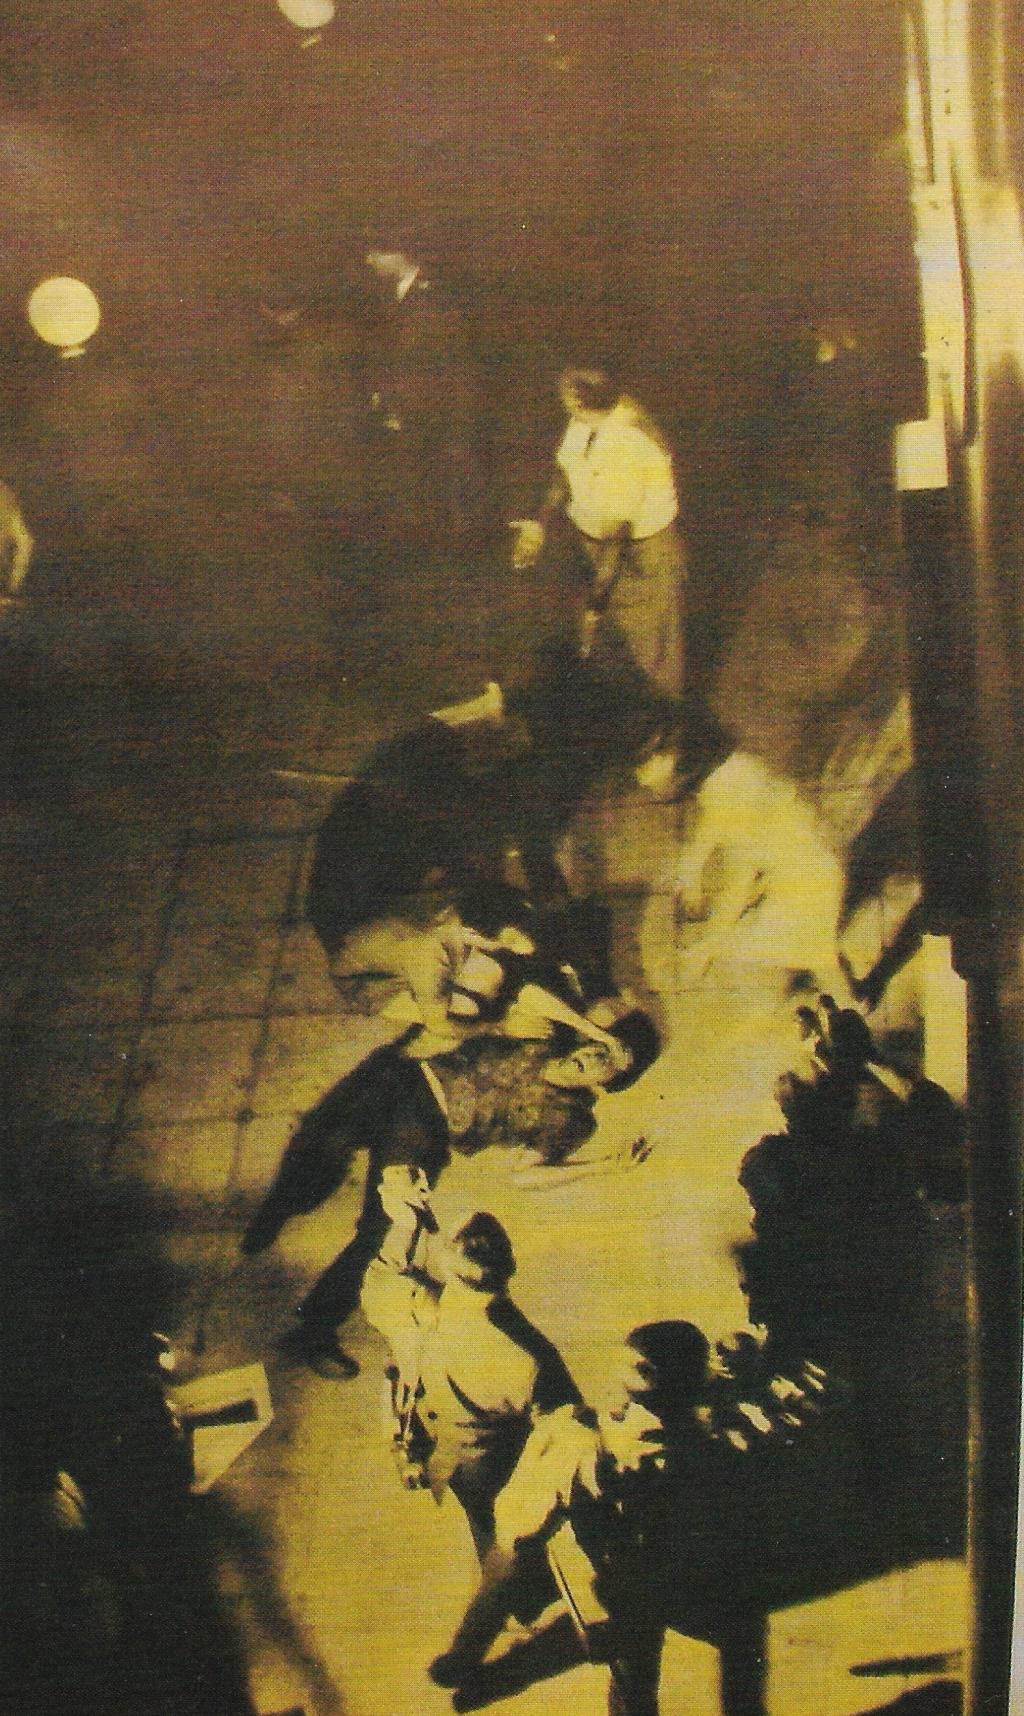 Η χαμένη φωτογραφία από τα επεισόδια στη δολοφονία του Σωτήρη Πέτρουλα, λήψη από το ξενοδοχείο 'ΕΣΠΕΡΙΑ'.